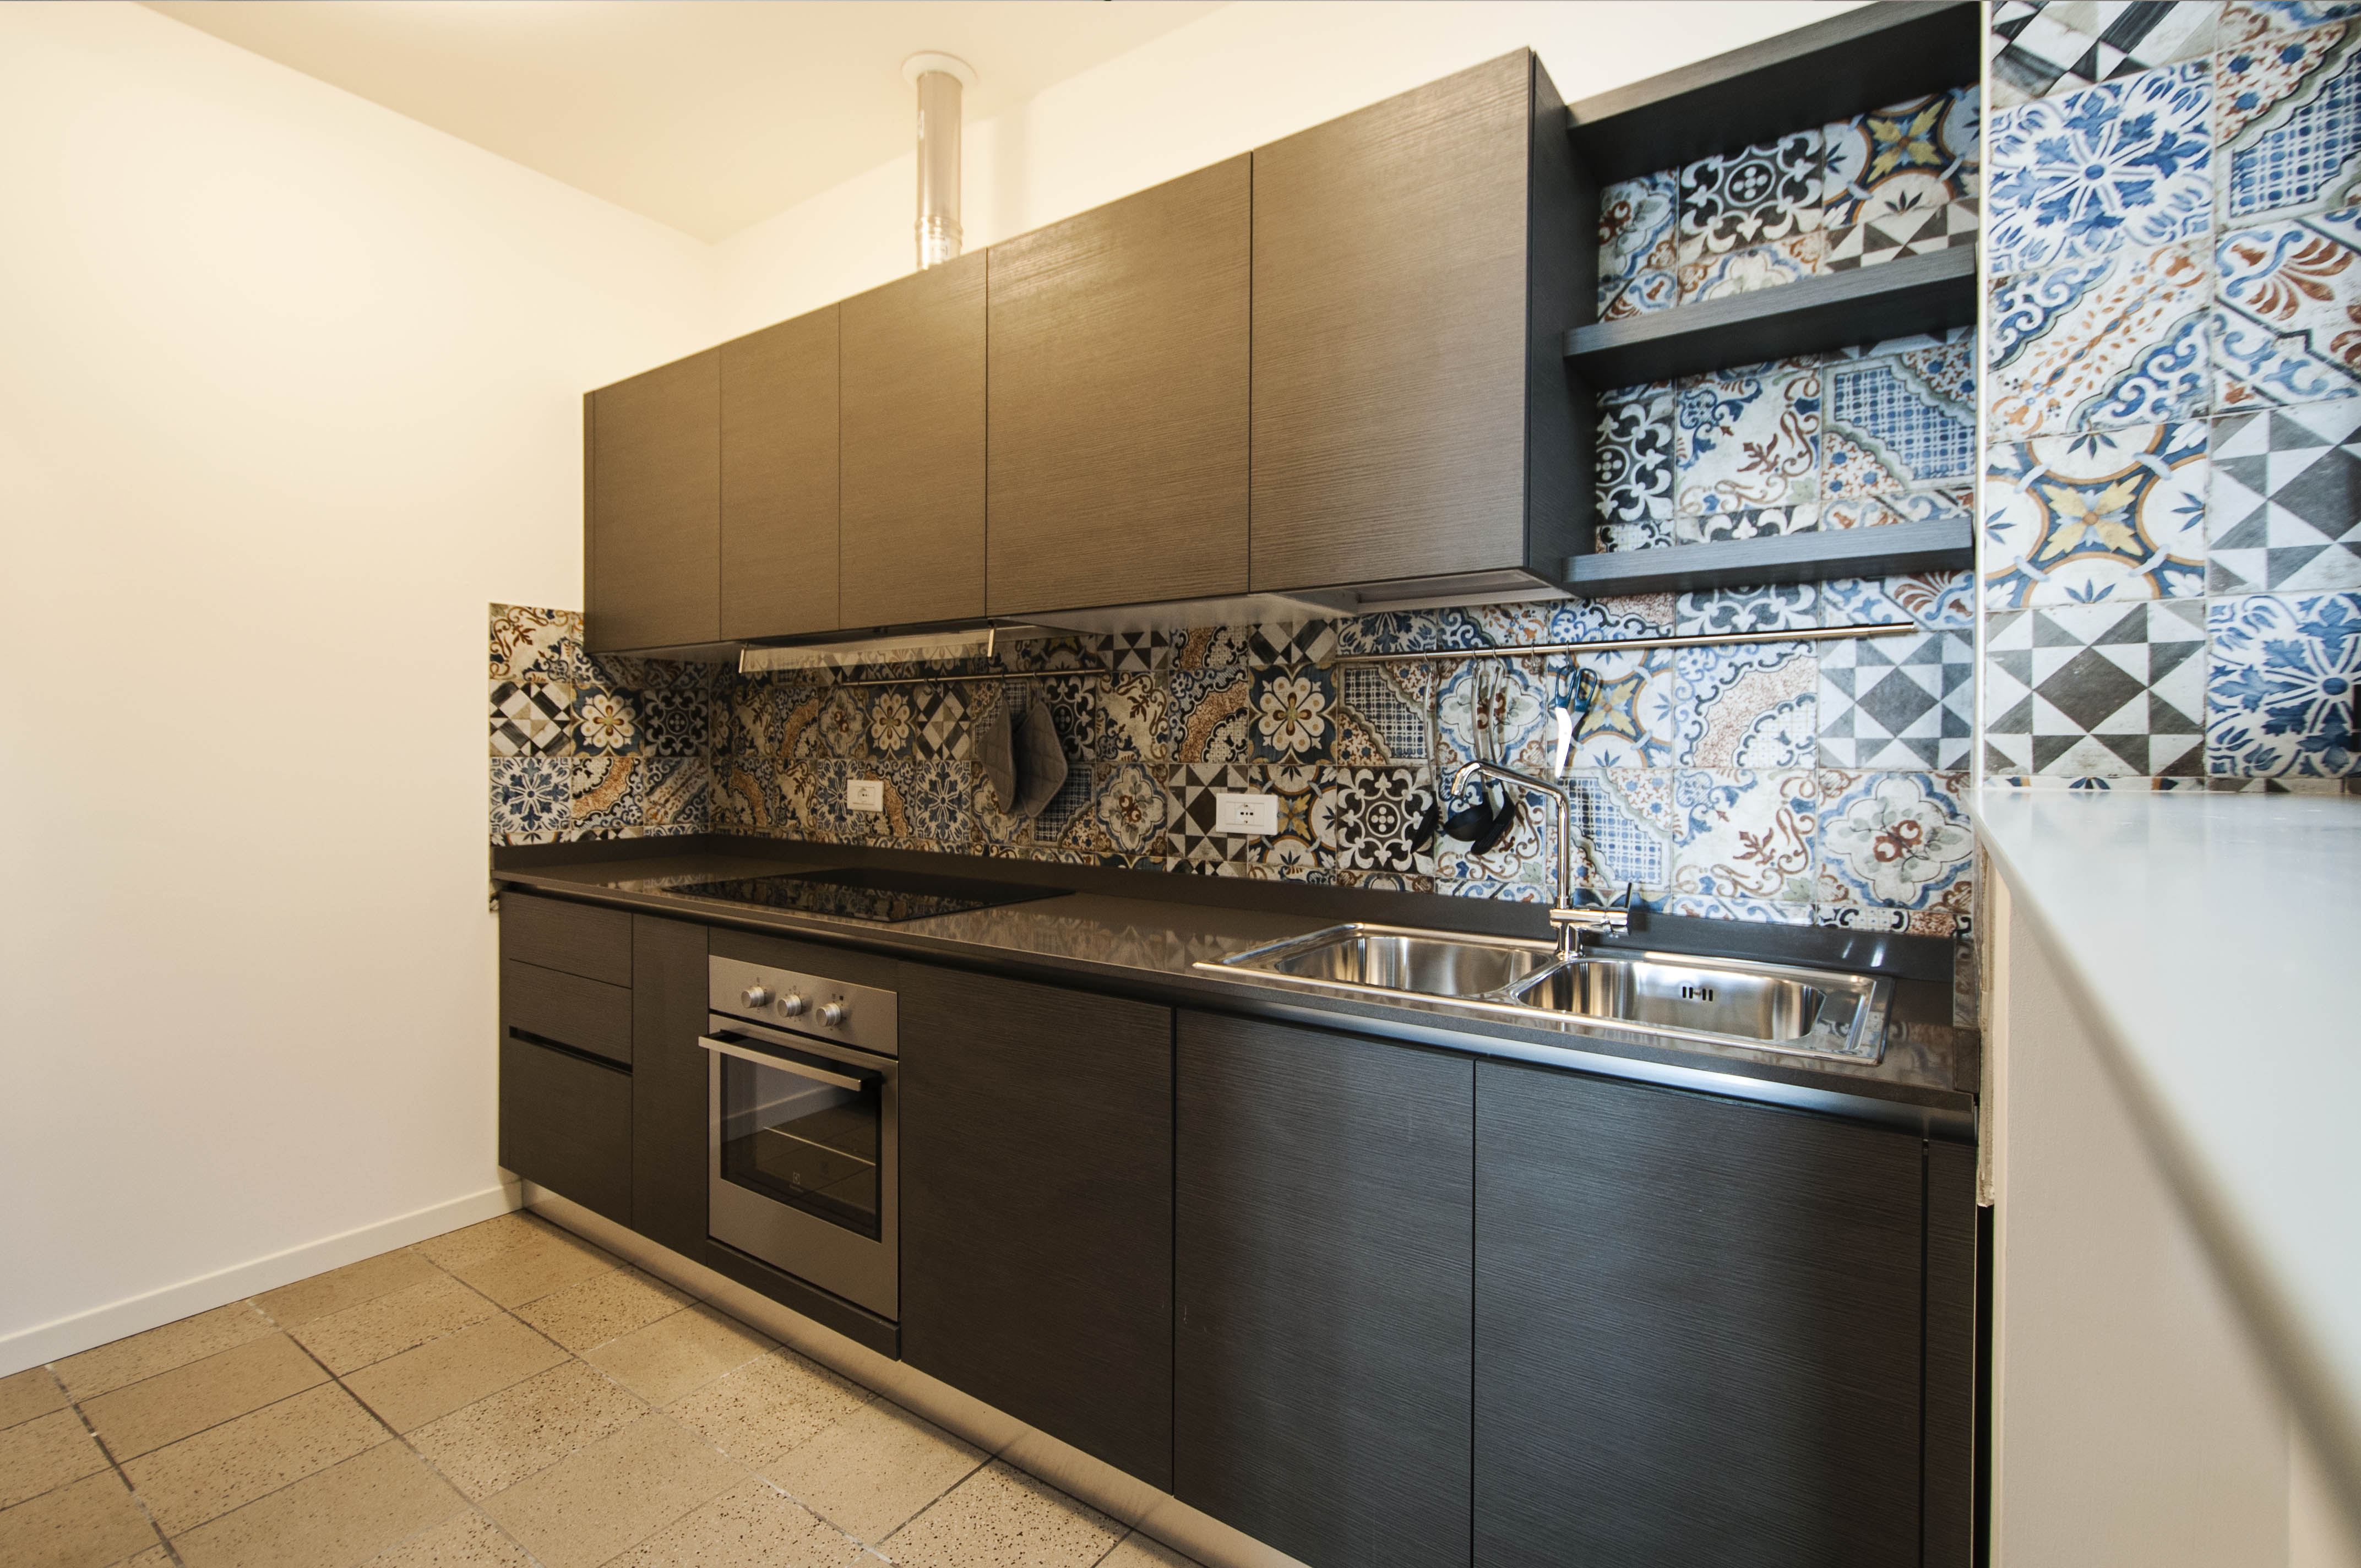 Camere in Affitto Treviso Villorba - Studio Architettura Zanatta 08